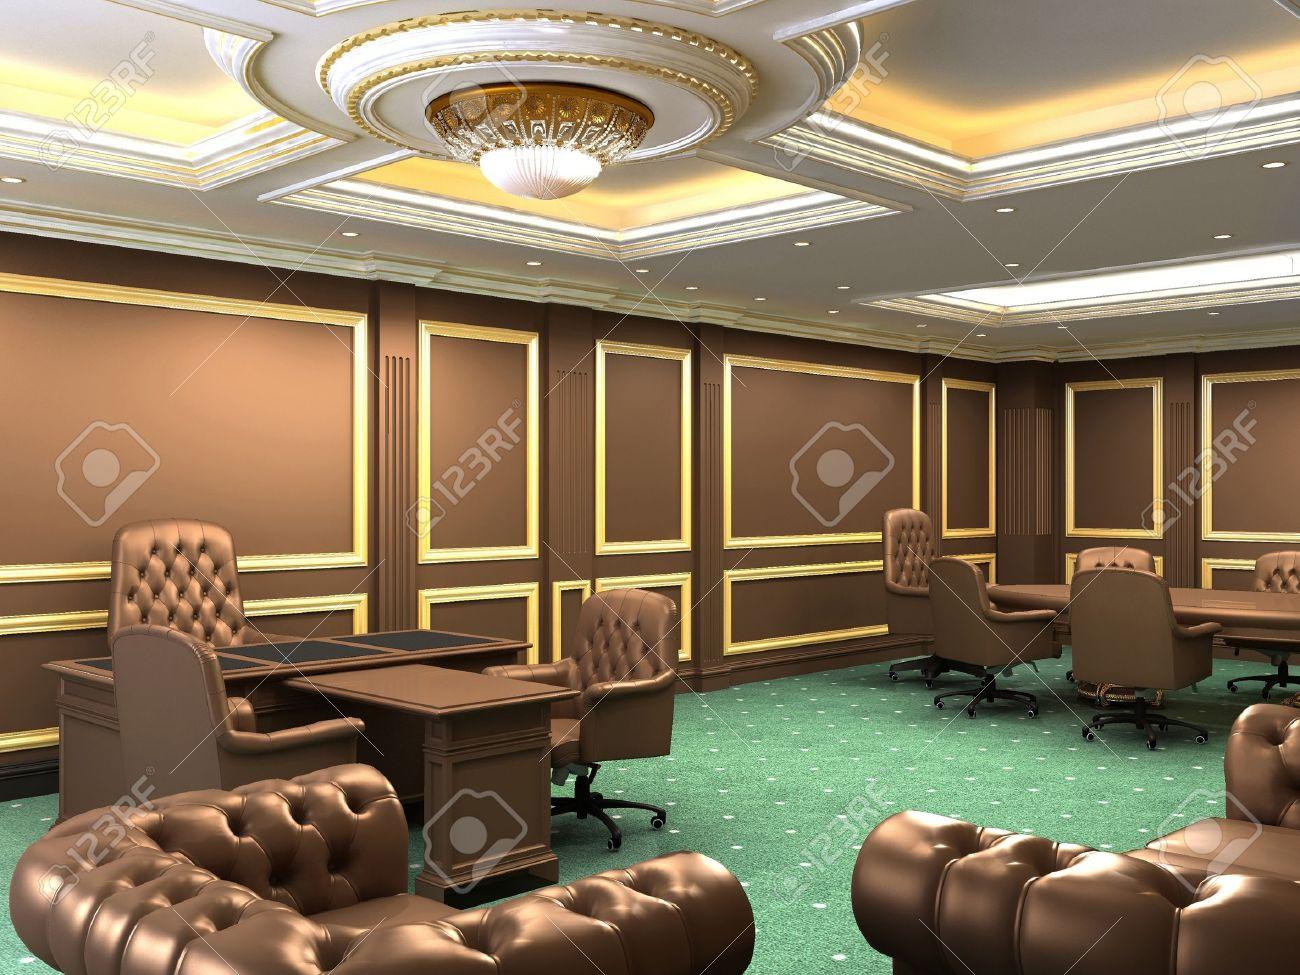 Espace de bureau intérieur appartement royal avec des meubles de